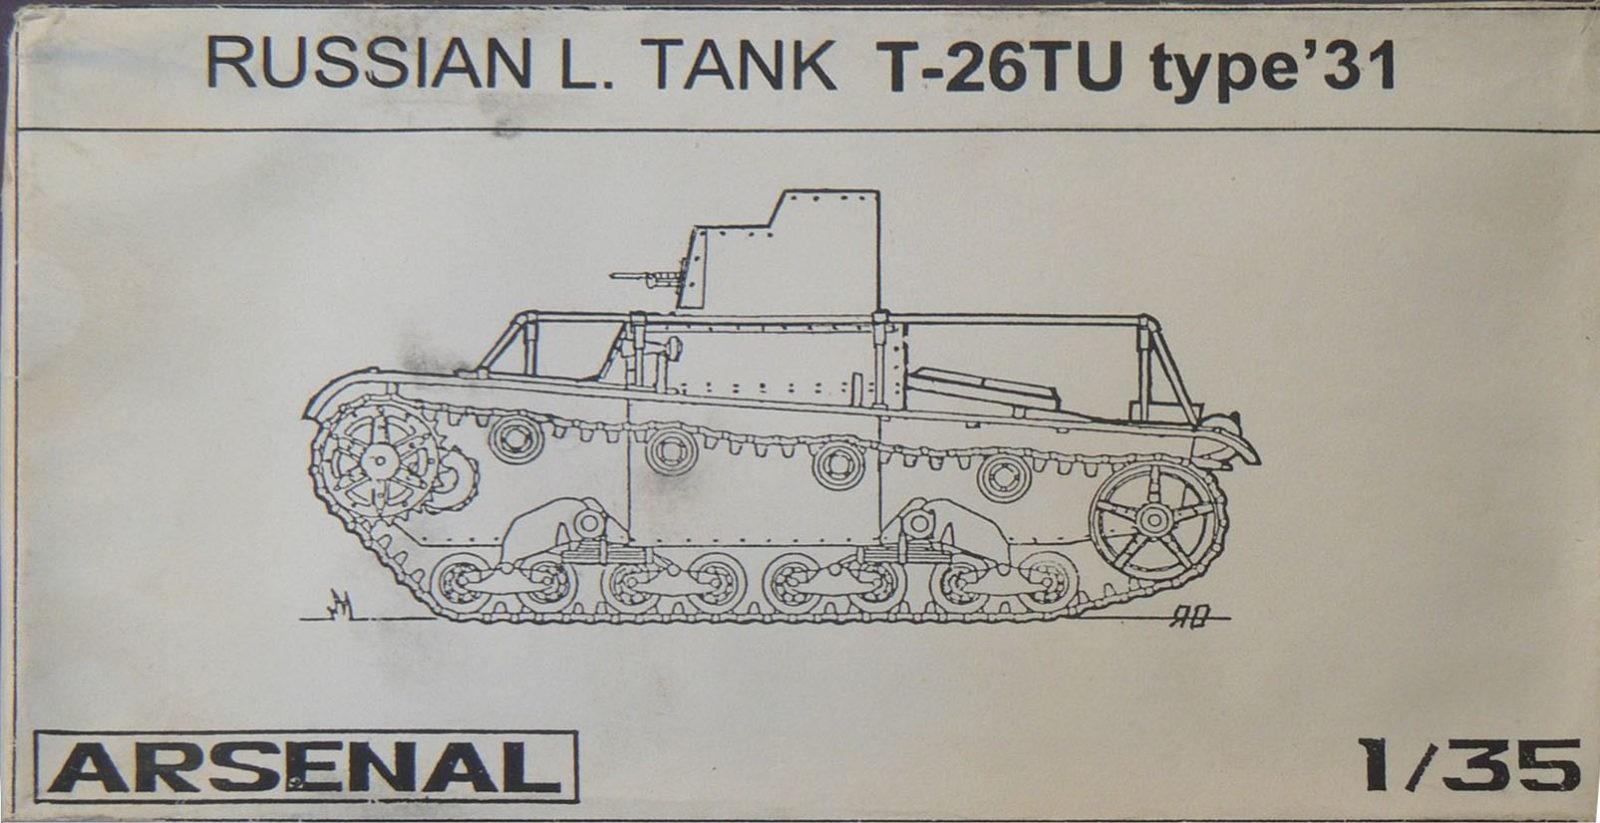 Russian L. Tank T-26TU type